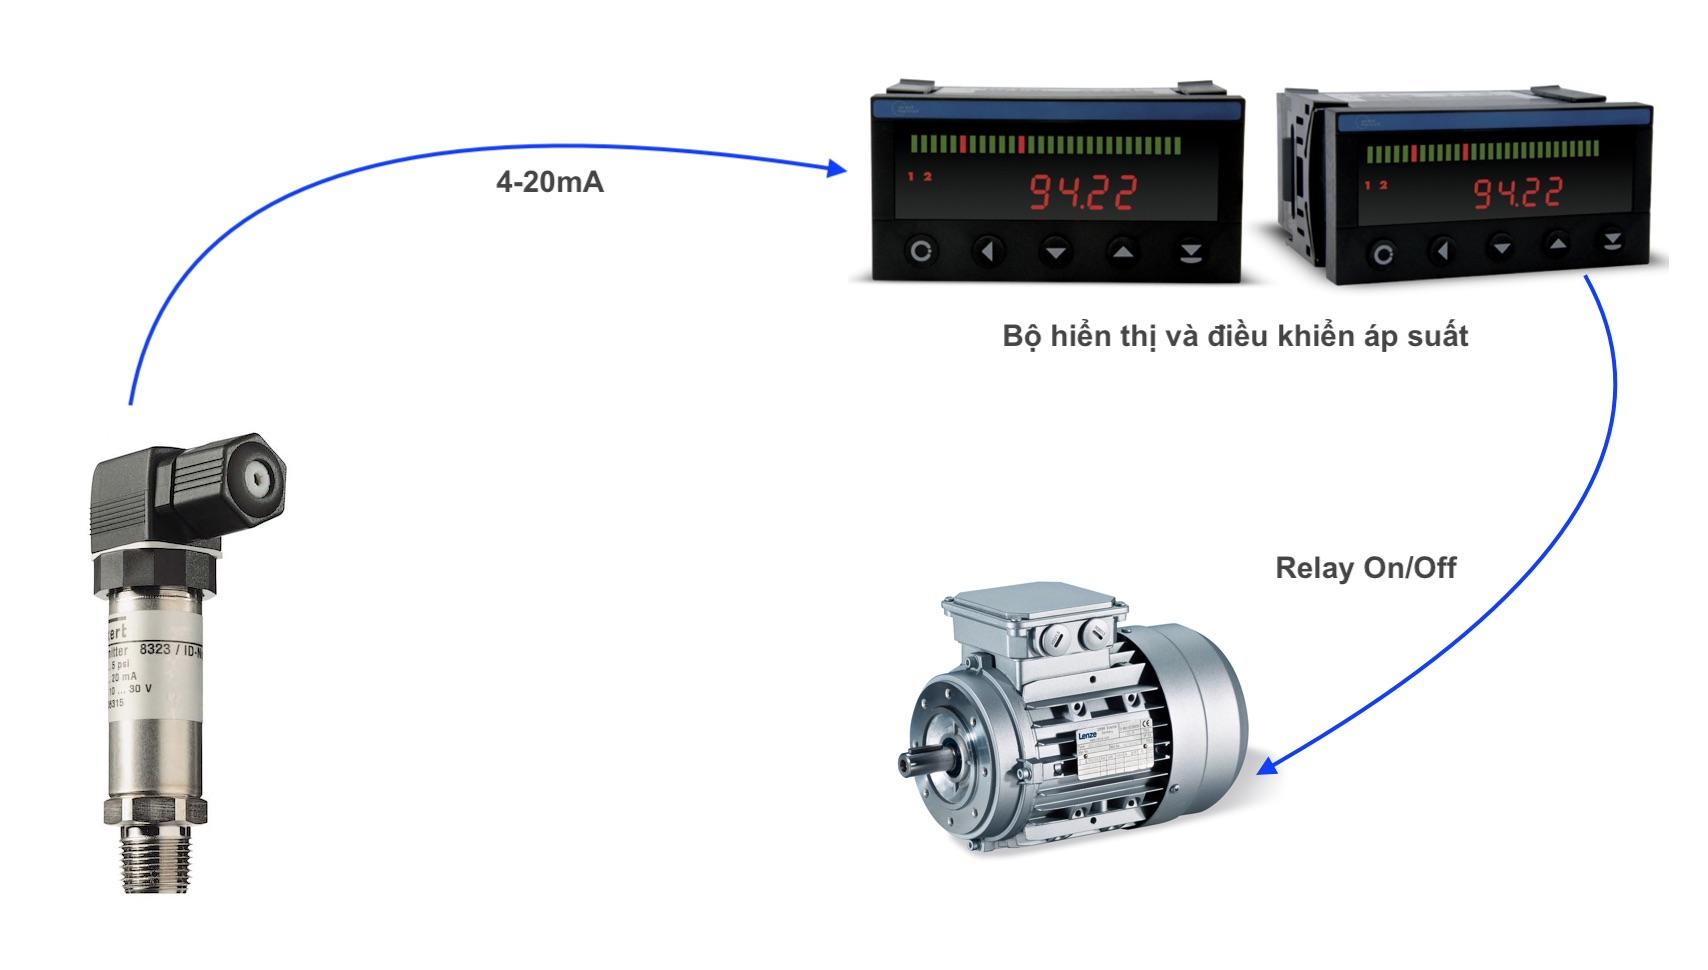 Ứng dụng điều khiển và hiển thị áp suất